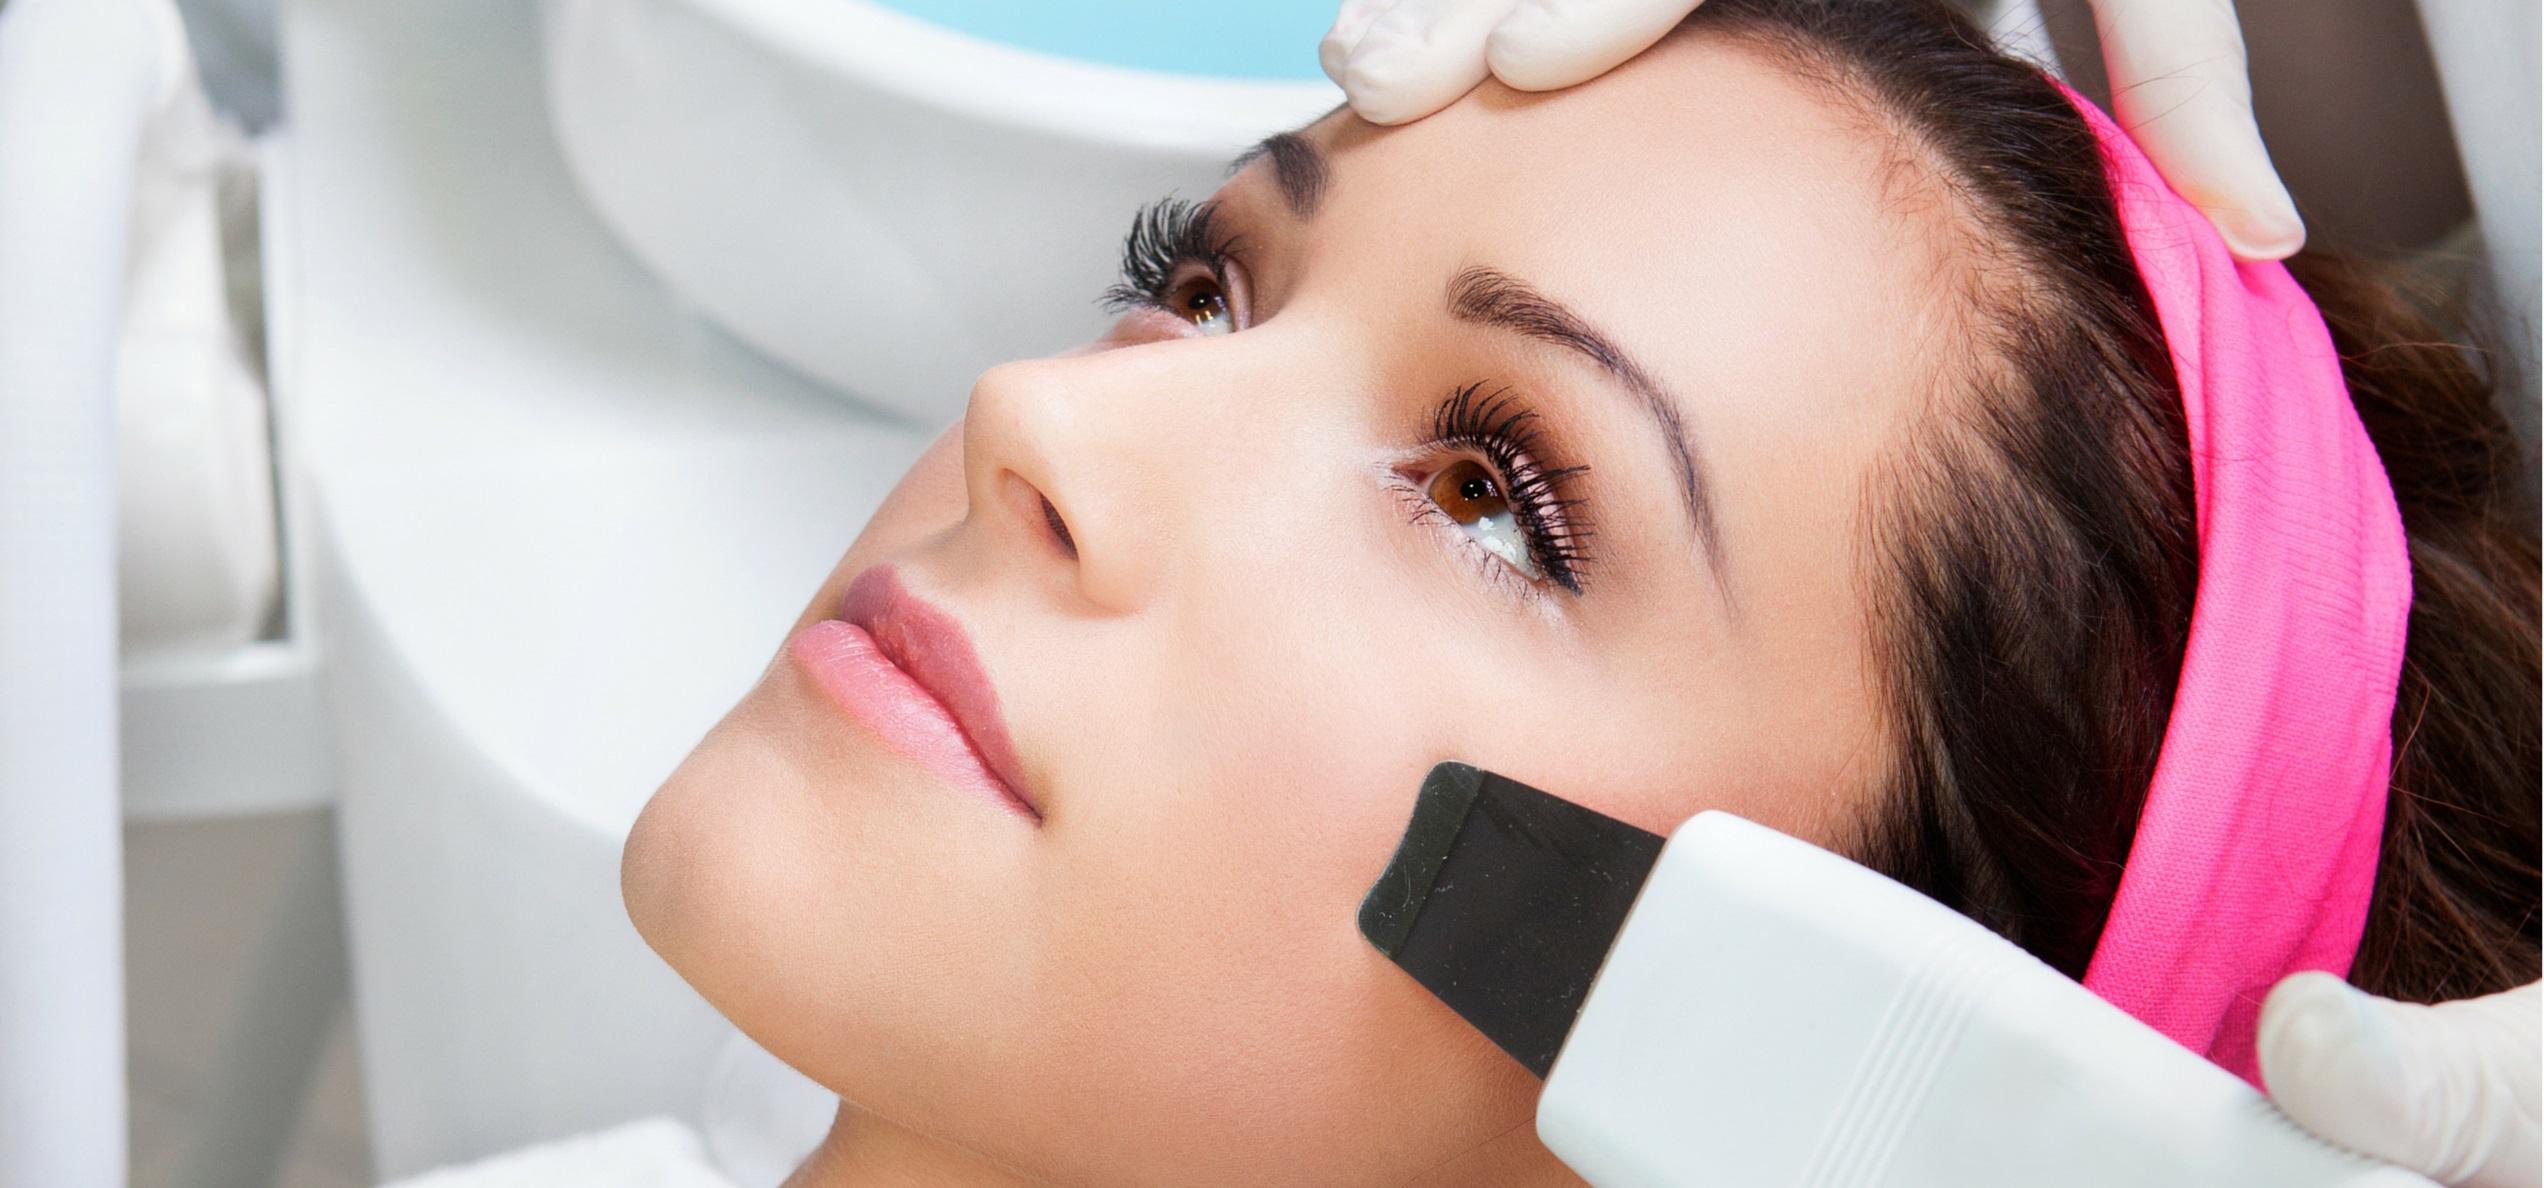 5 косметологических процедур, которые нужно успеть сделать до наступления весны